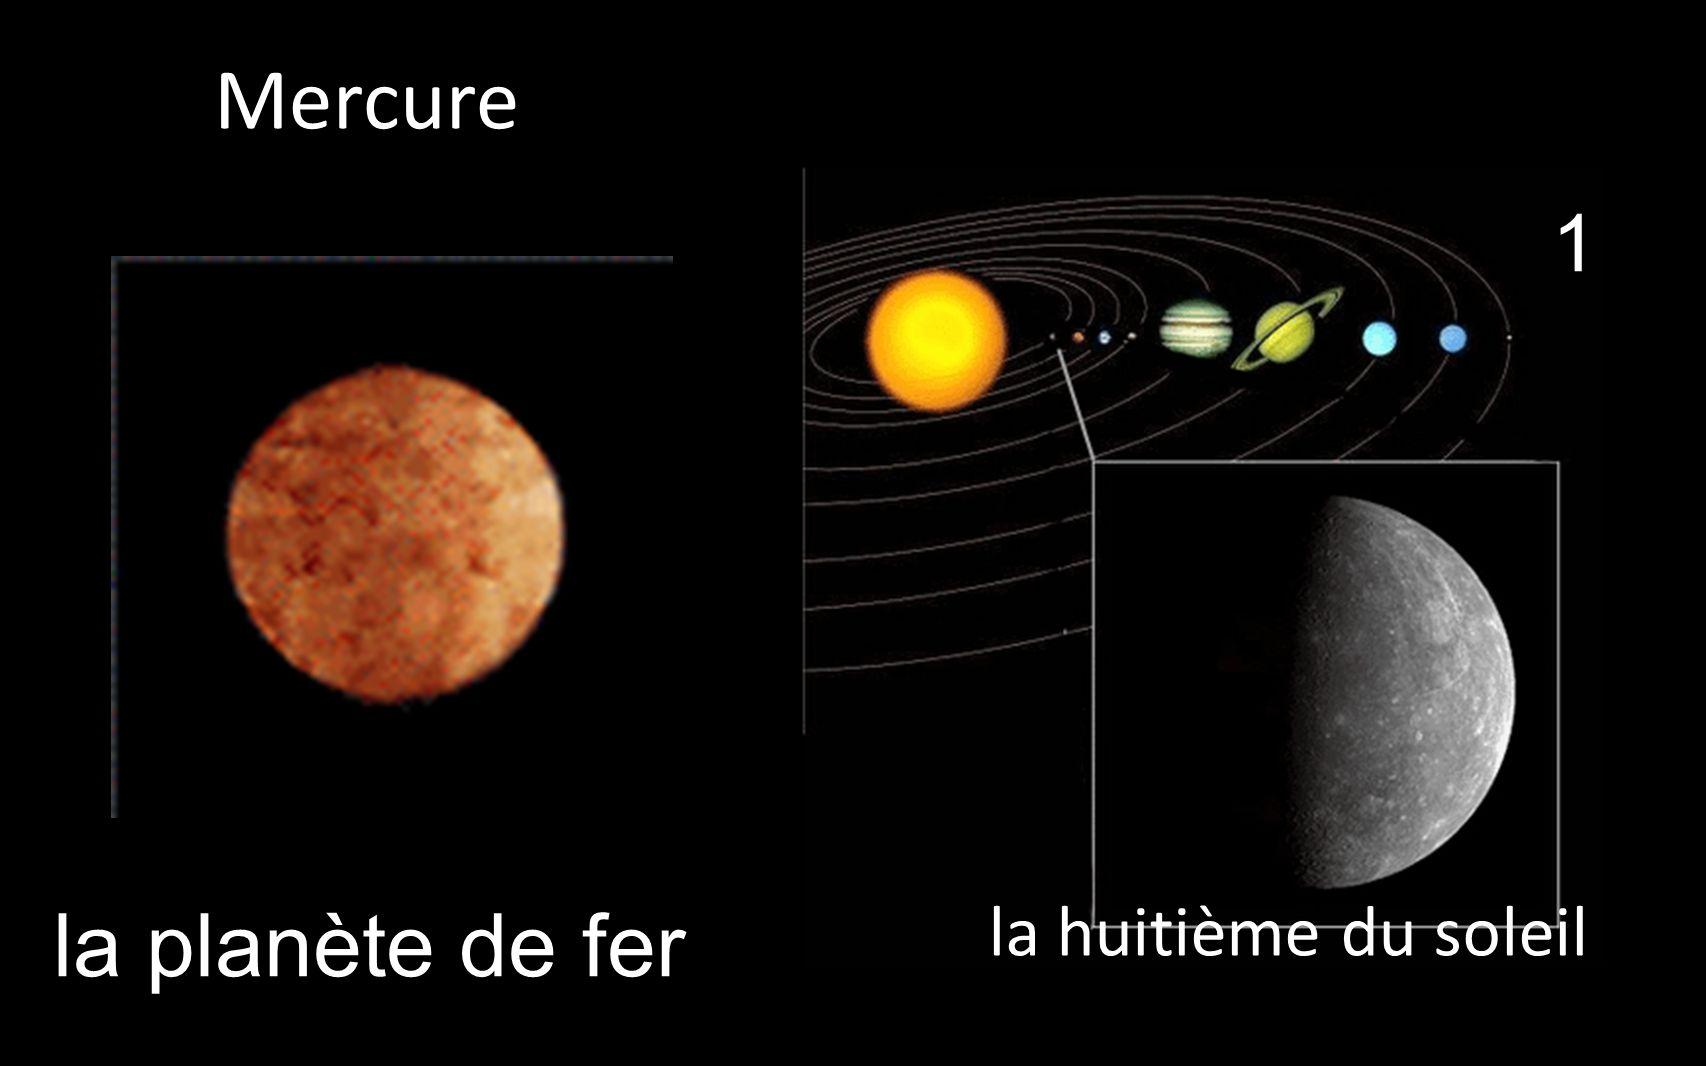 la planète de fer 1 la huitième du soleil _Mercure